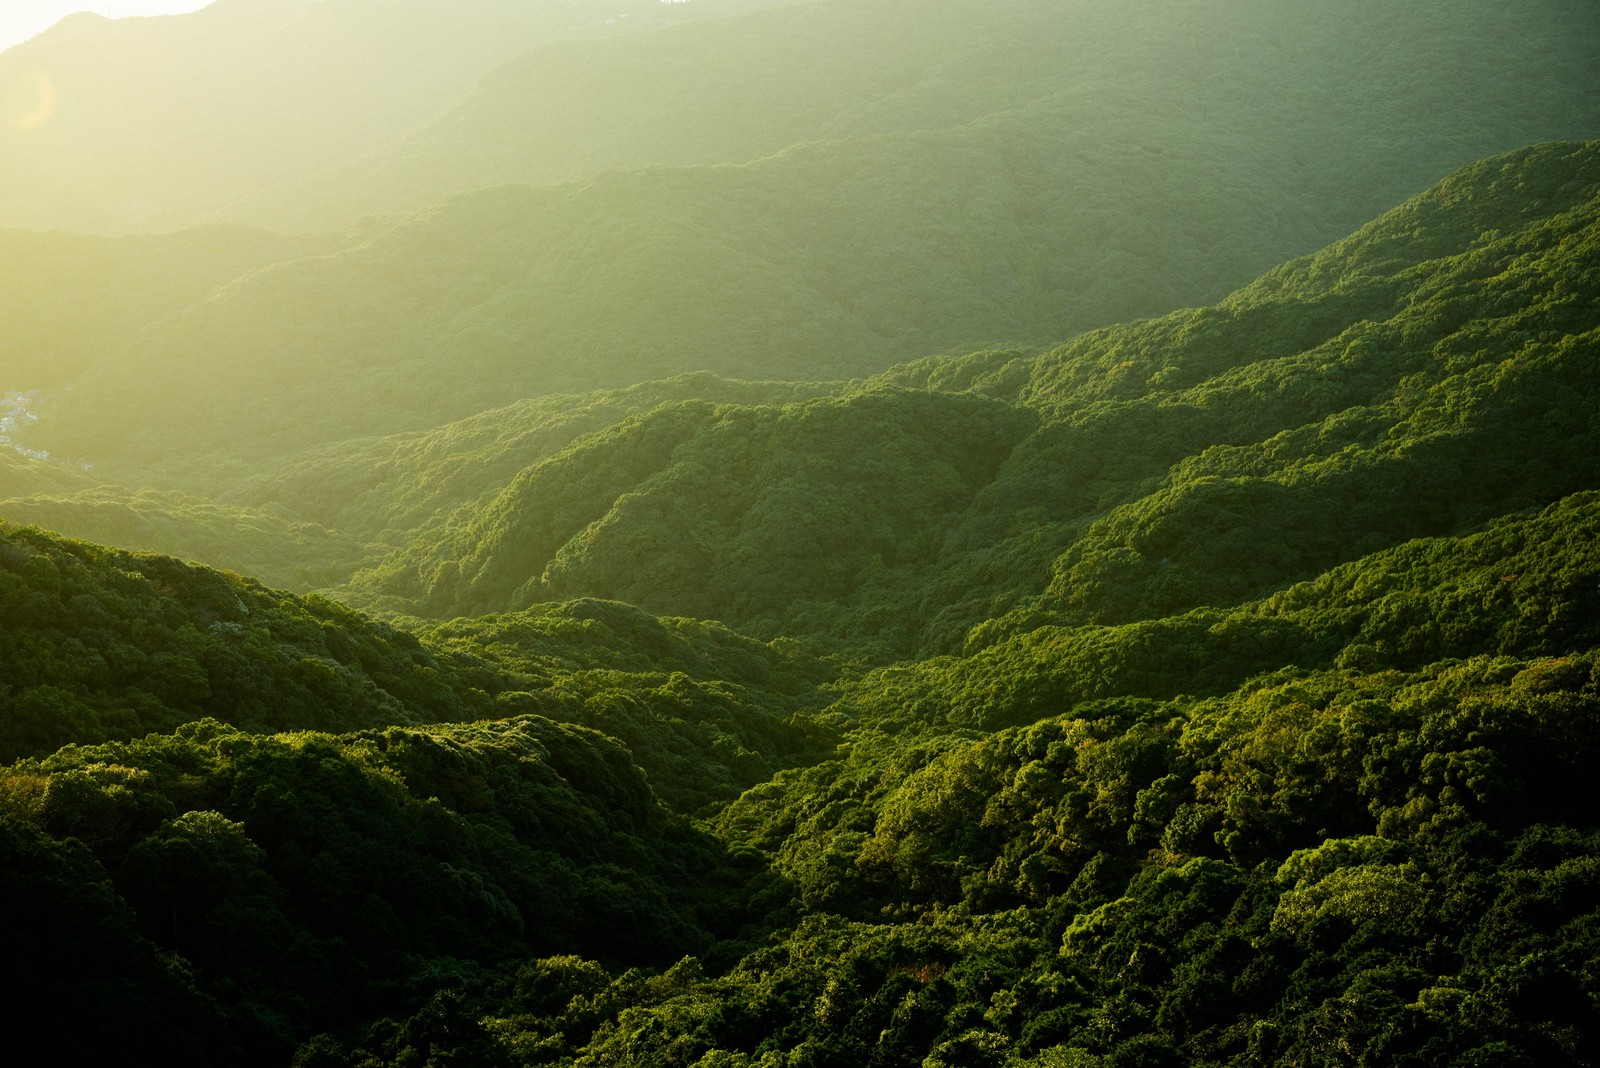 「夕暮れの山並み夕暮れの山並み」のフリー写真素材を拡大